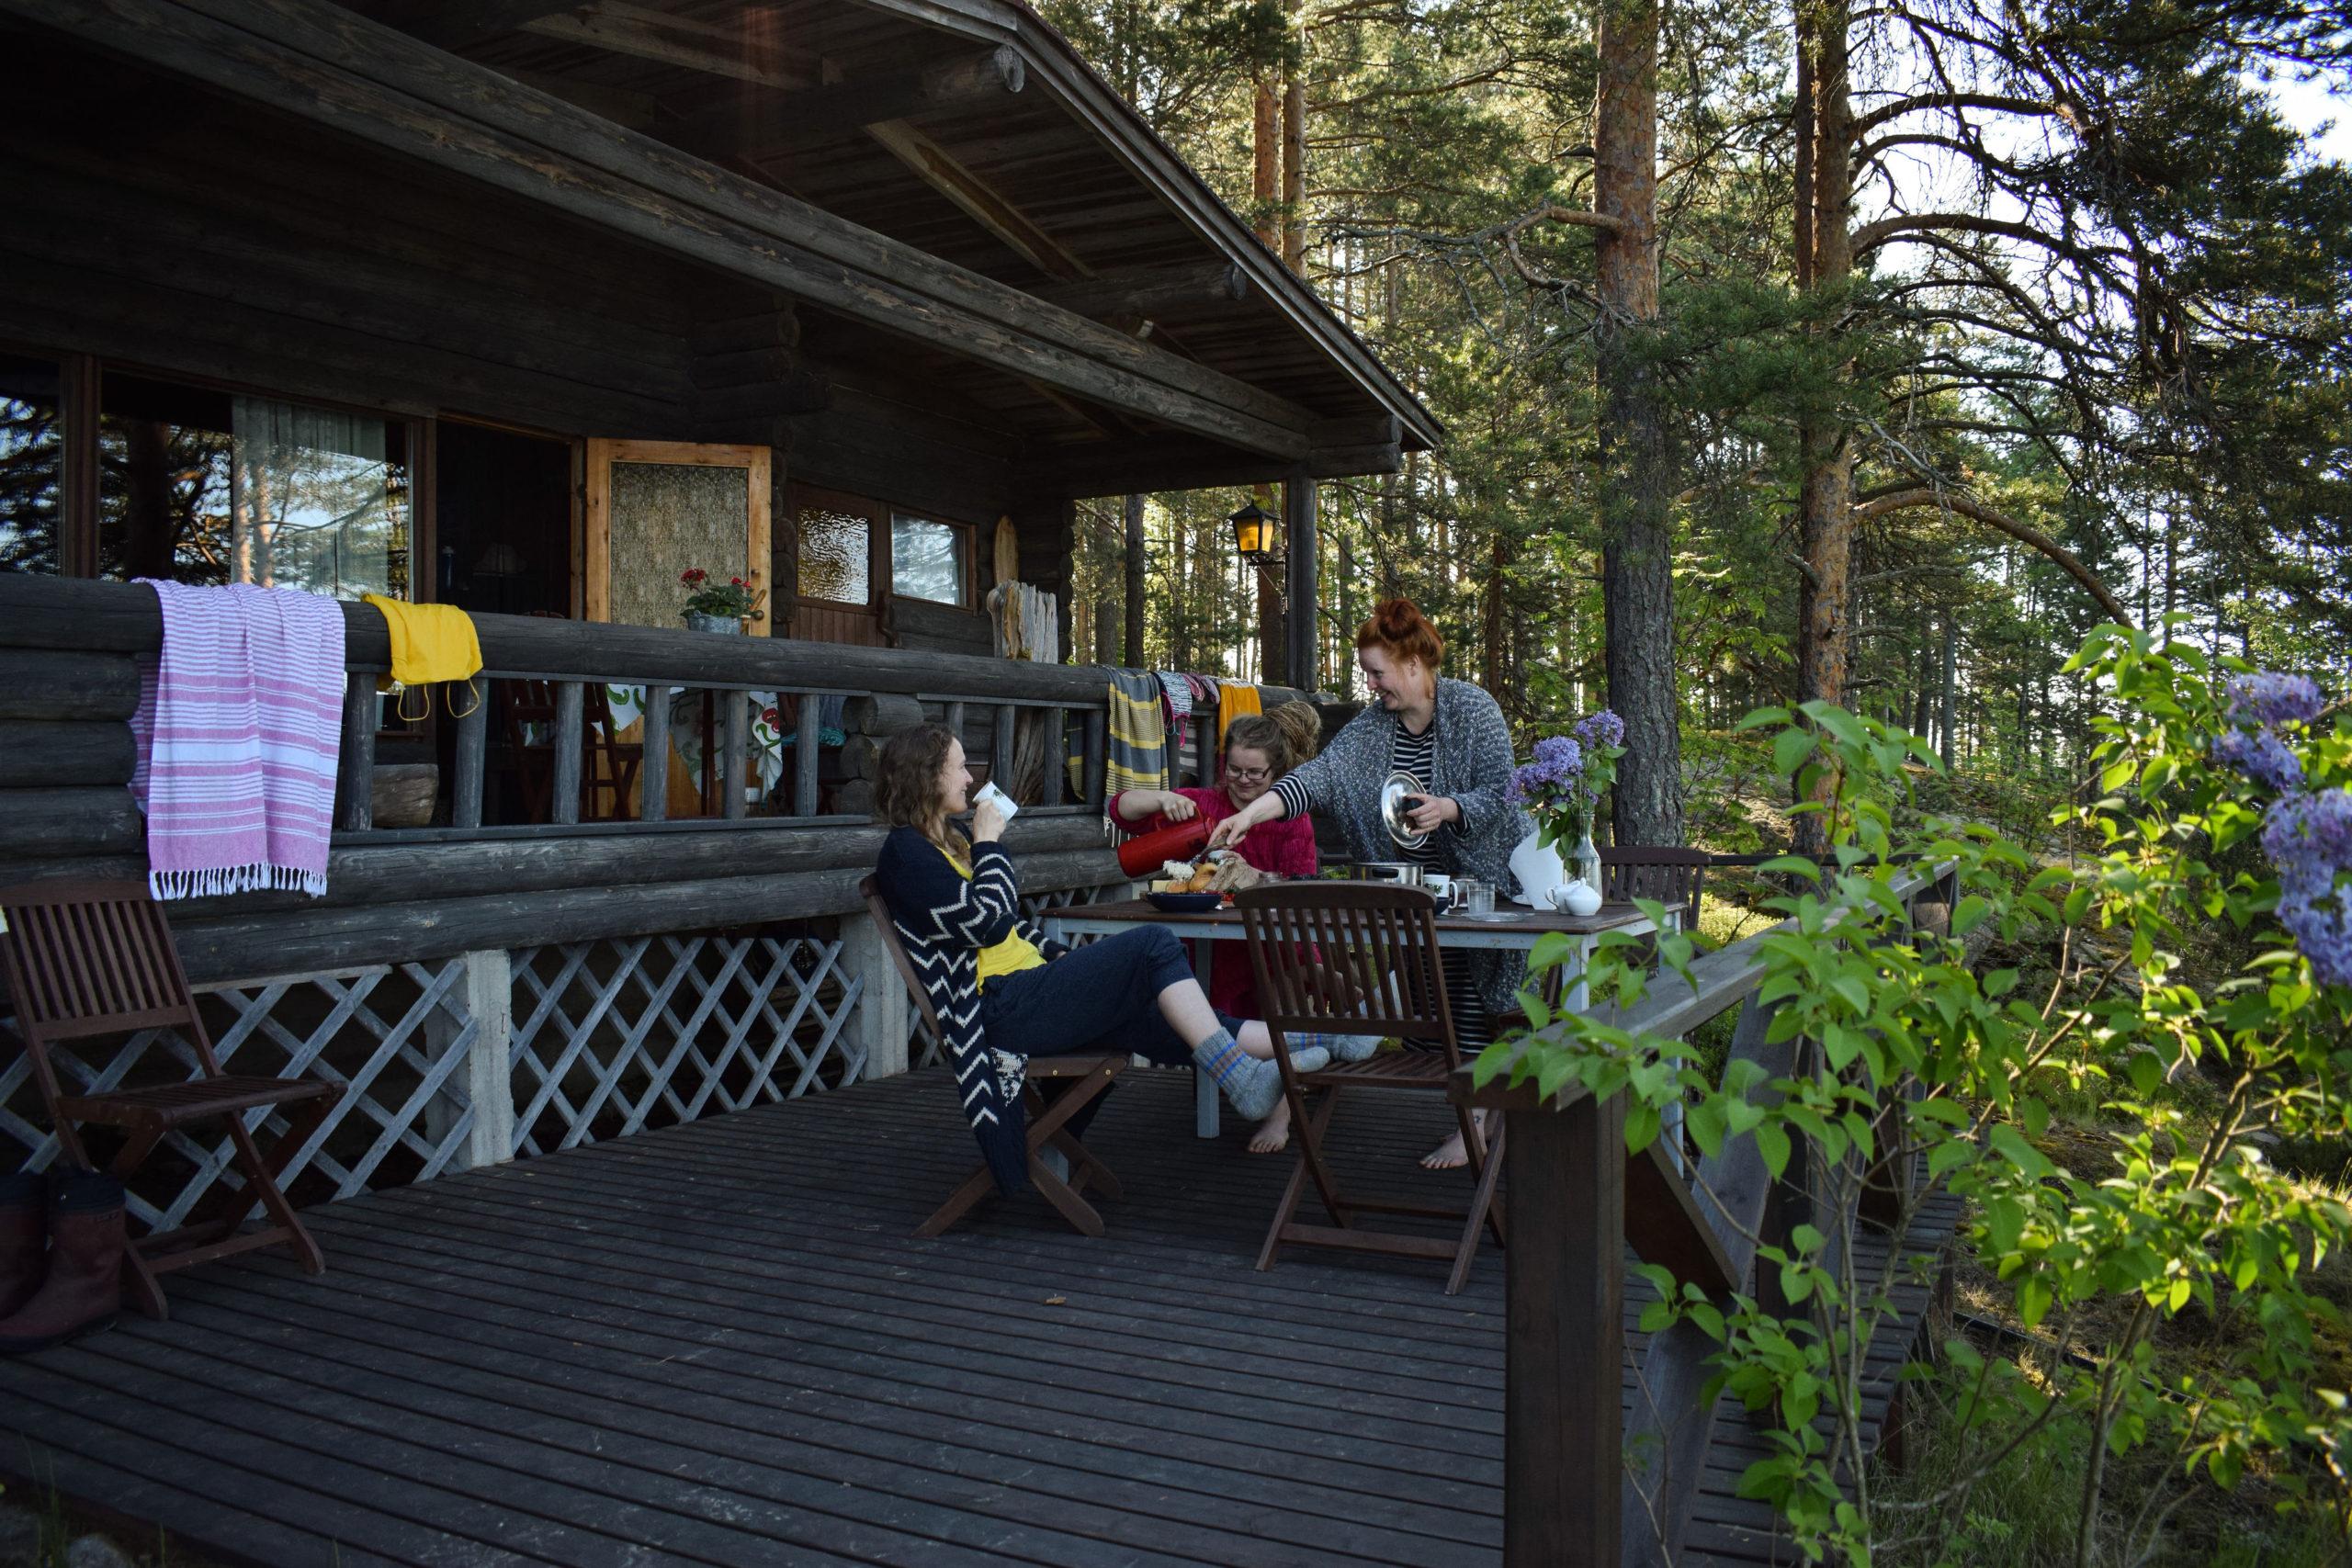 saimaaLife women enjoying lakeside breakfast at Kukkoniemen Lomamökit rental cottages in Punkaharju, Saimaa